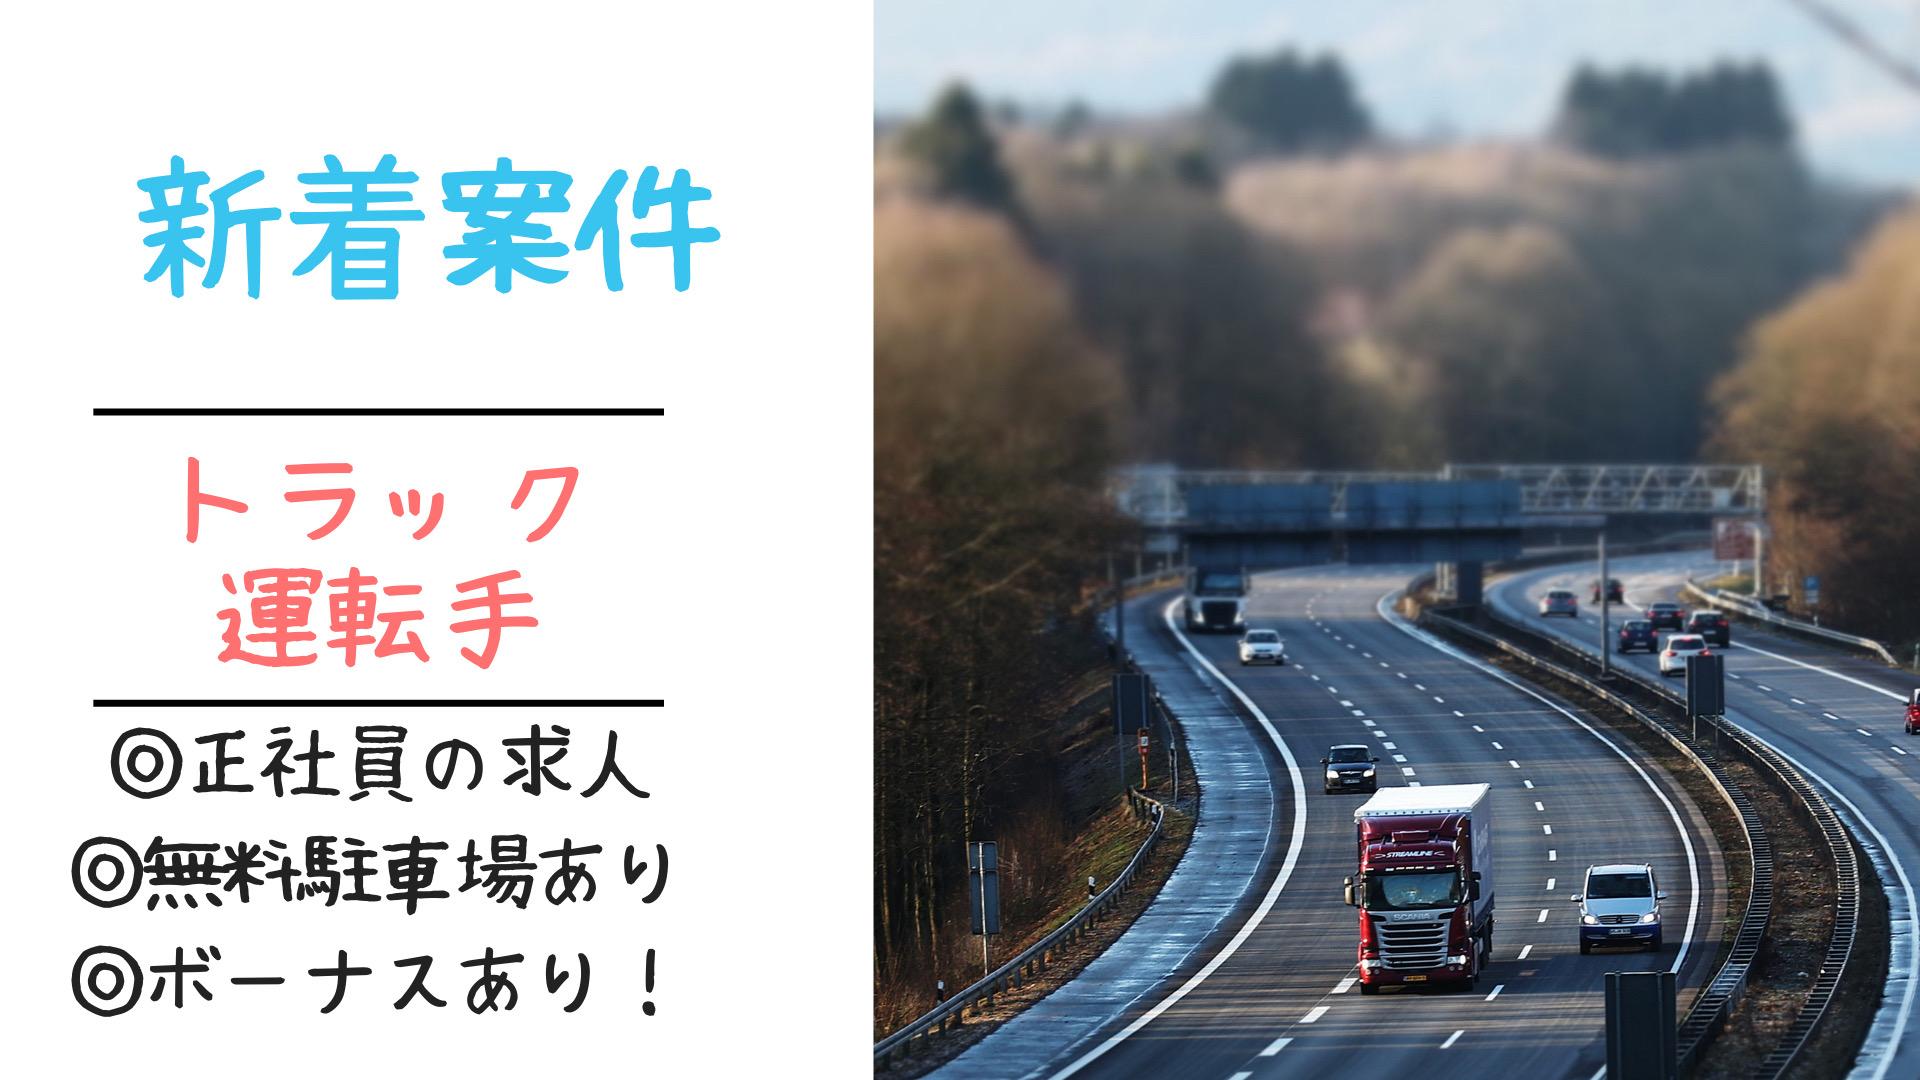 即面談可能【豊橋市・トラックの運転手】年間休日数105日でプライベートも充実!長期休暇あります☆彡 イメージ